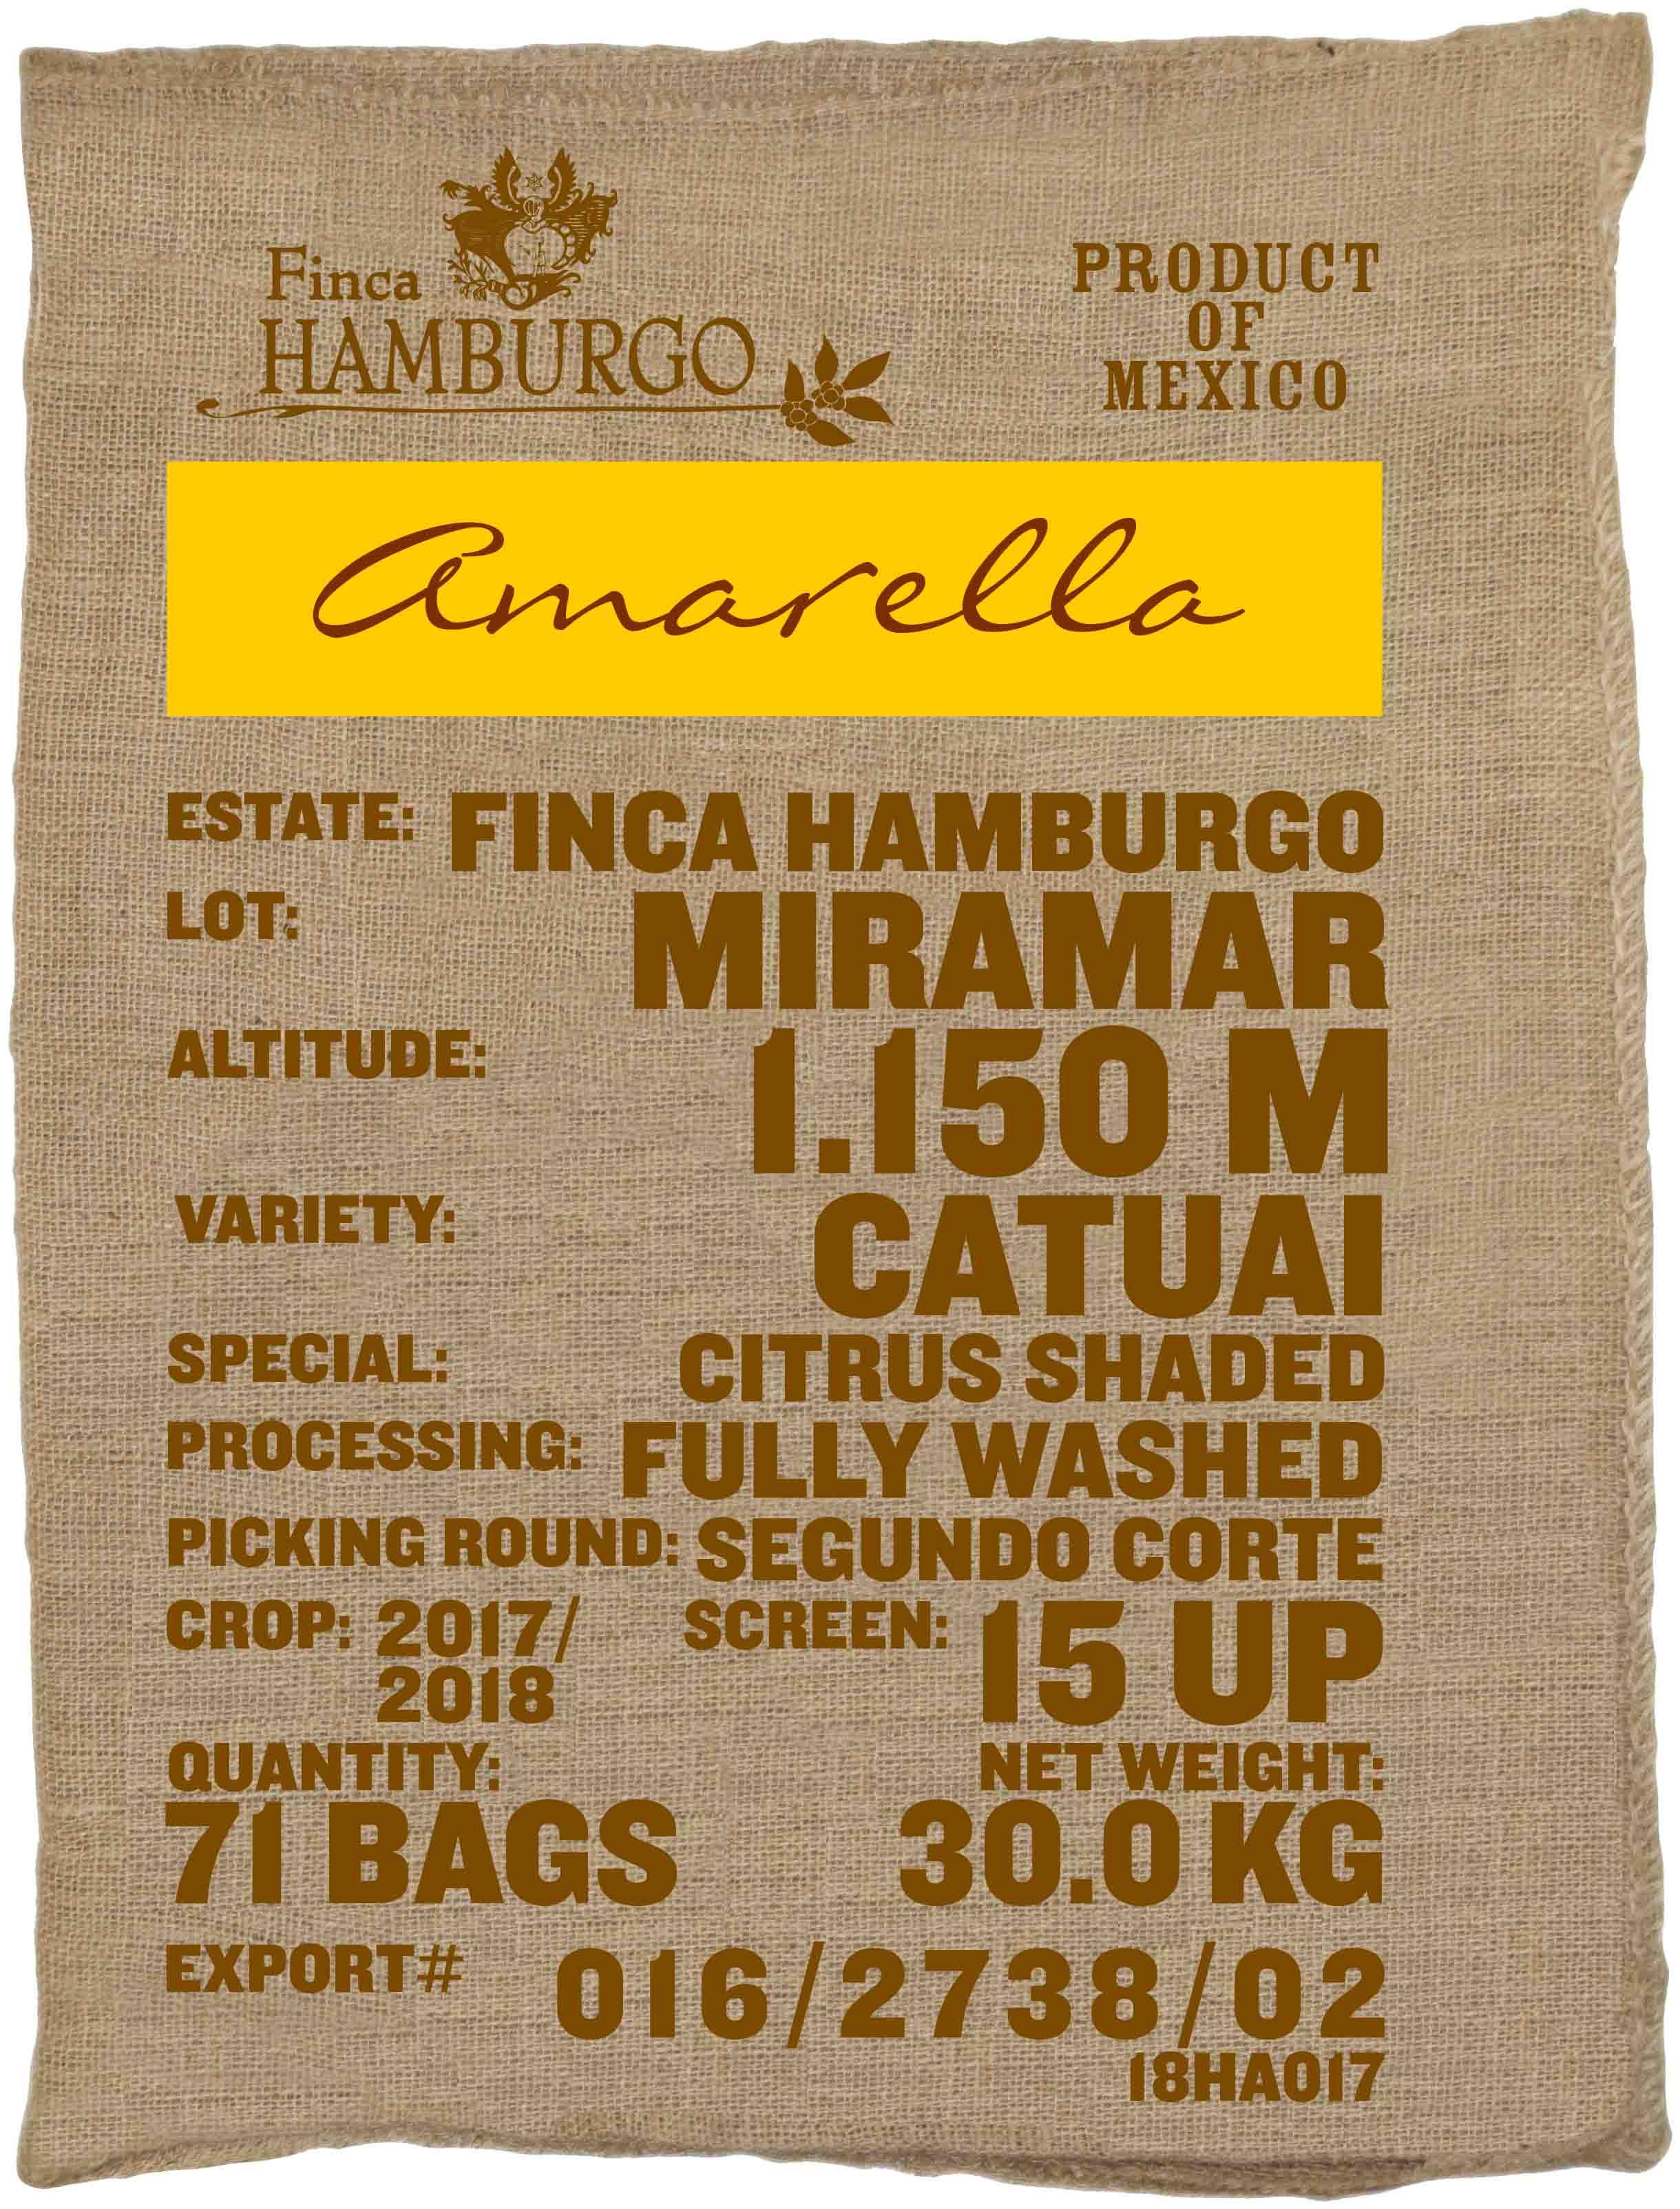 Ein Rohkaffeesack amarella Parzellenkaffee Varietät Catuai. Finca Hamburgo Lot Miramar.